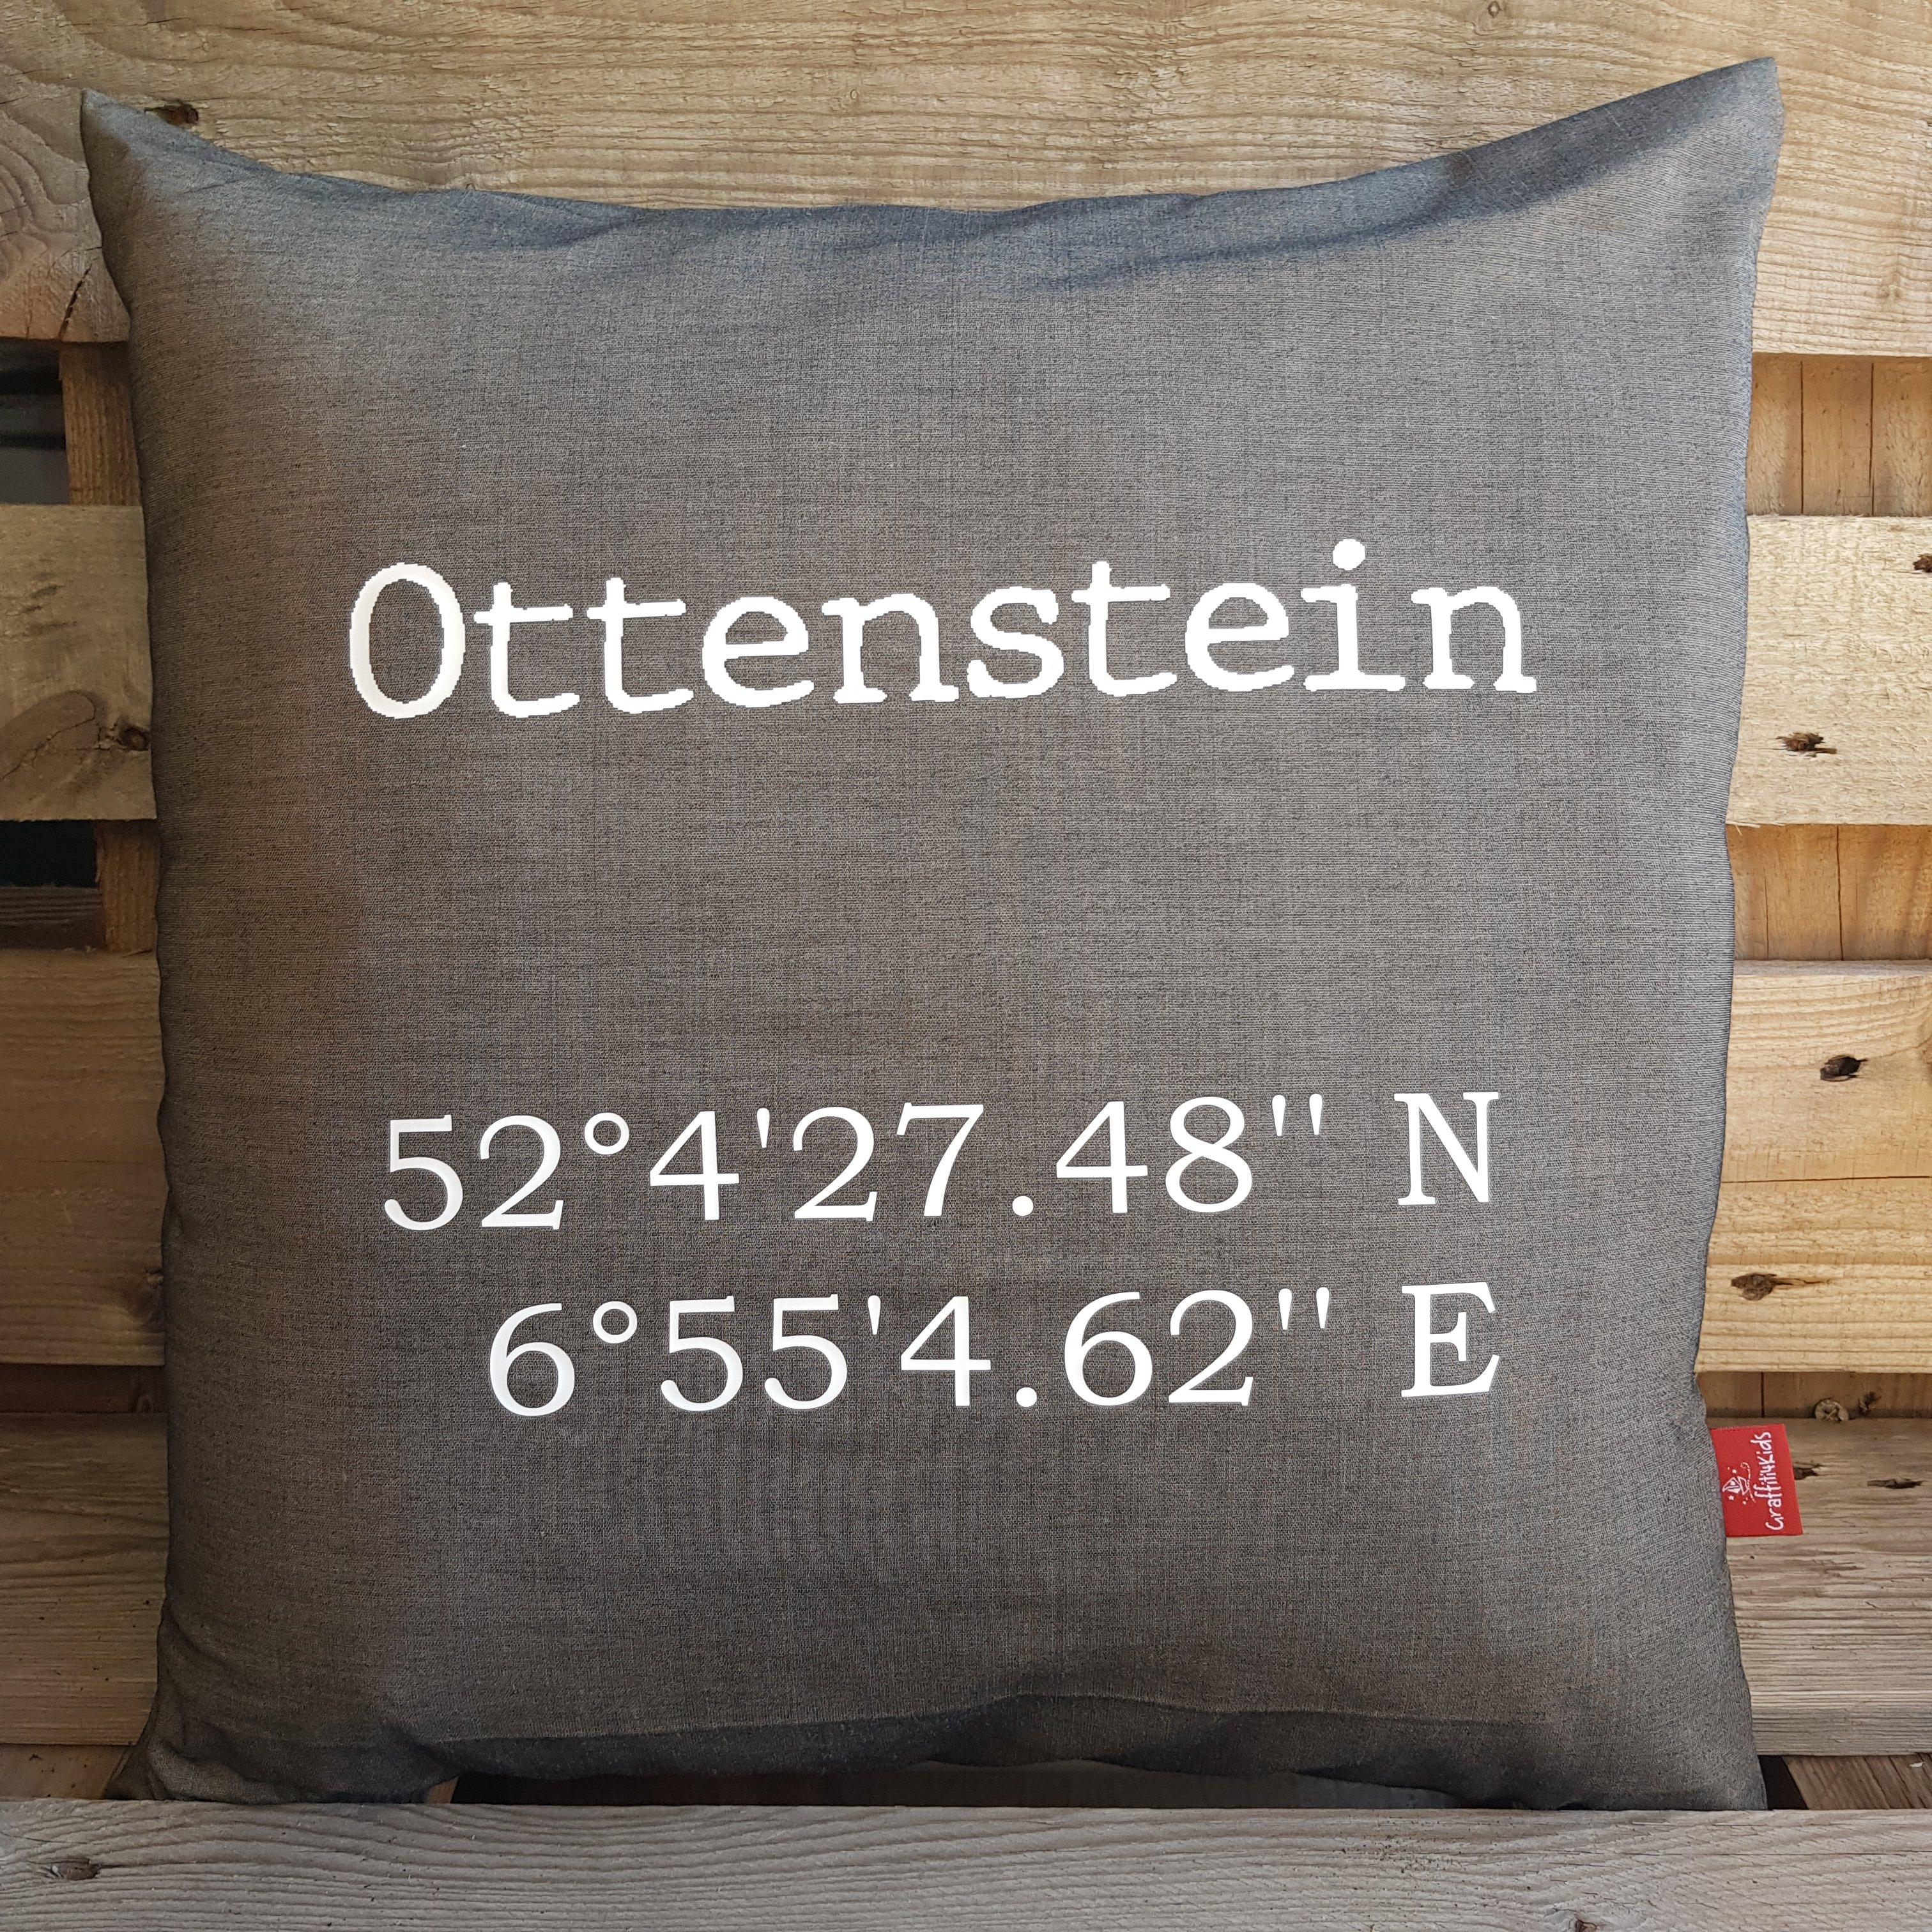 Ottenstein